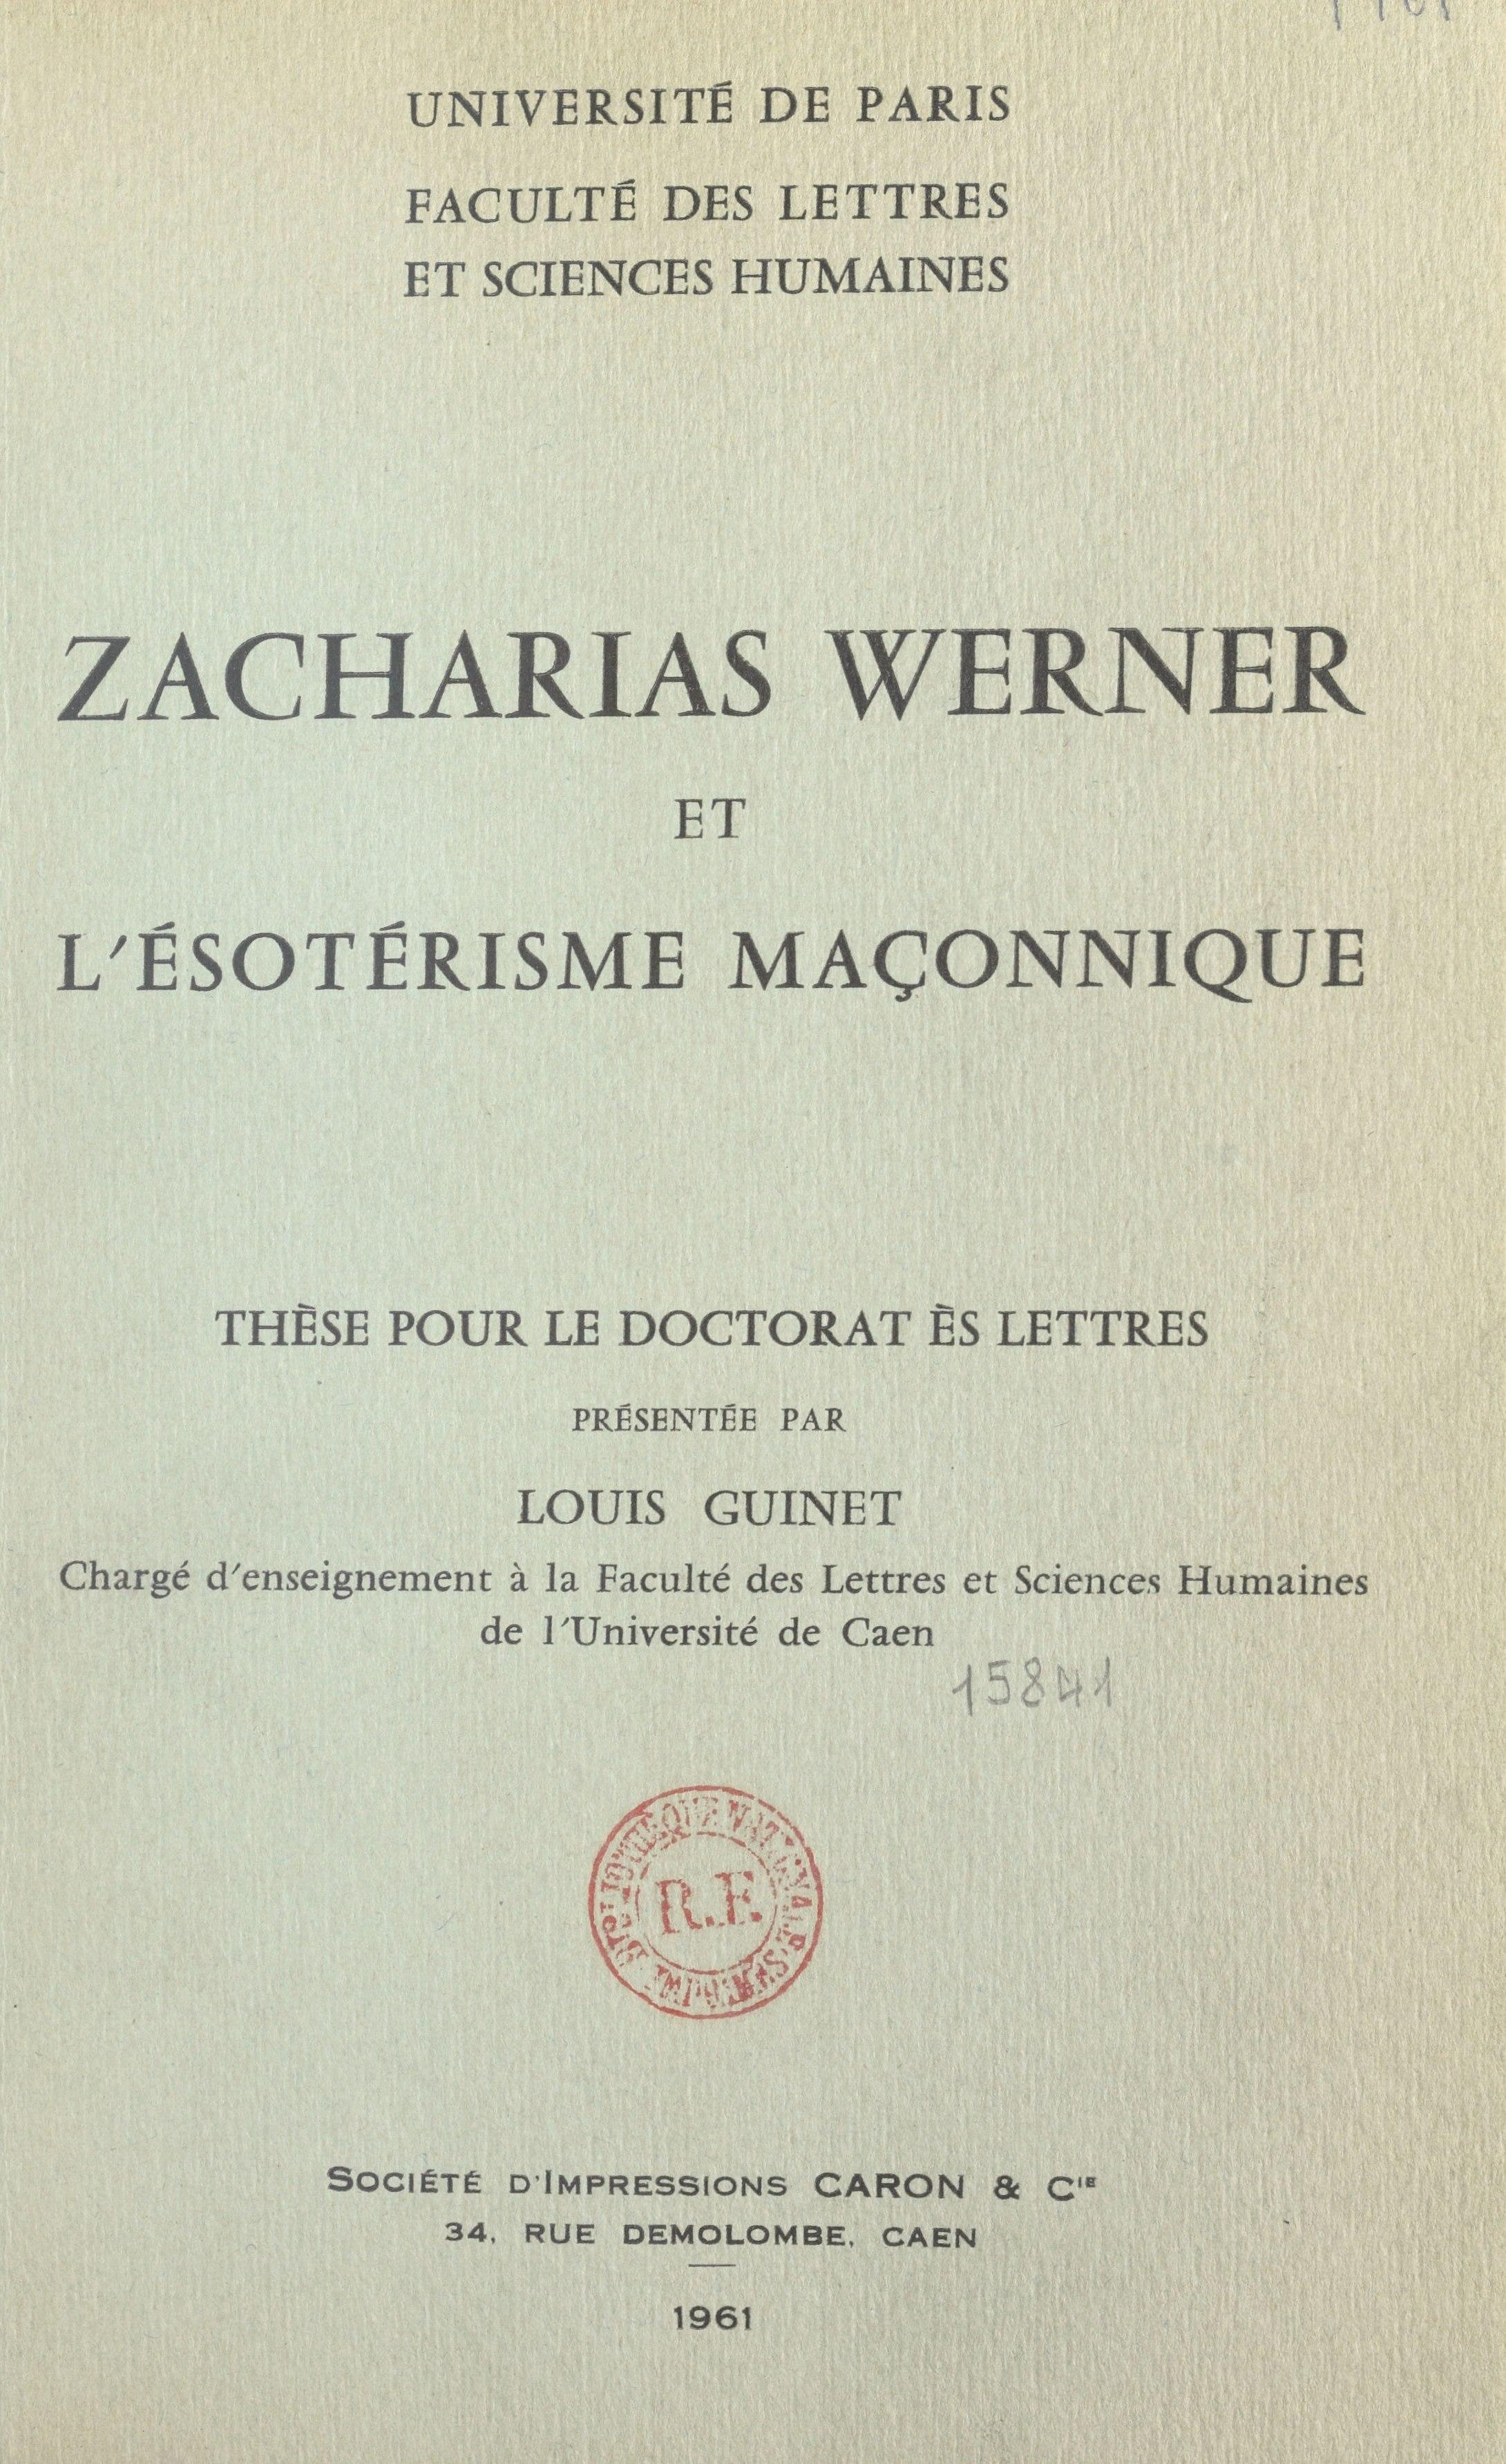 Zacharias Werner et l'ésotérisme maçonnique